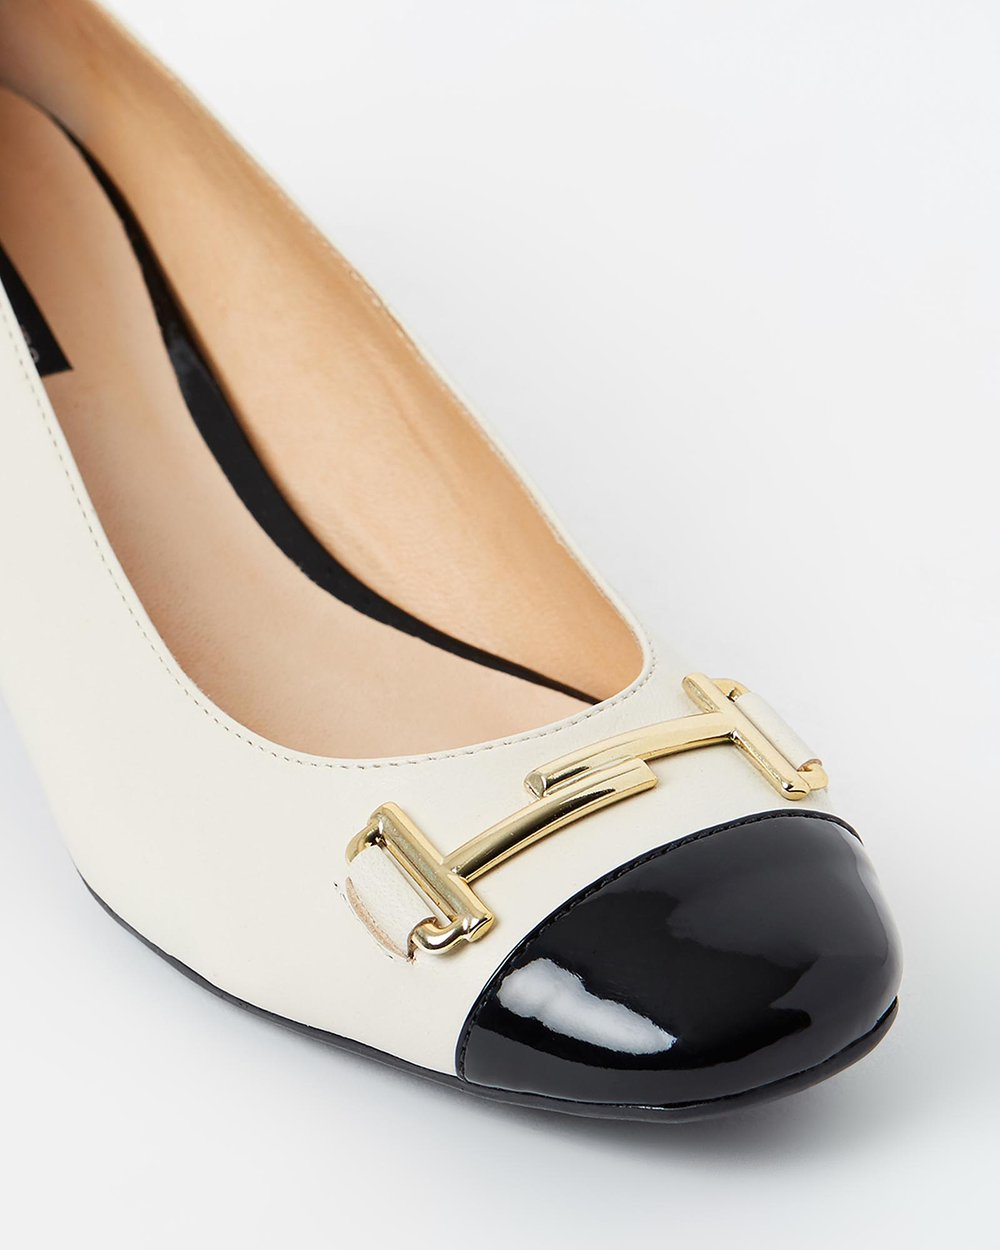 Kristin - Cream & Black